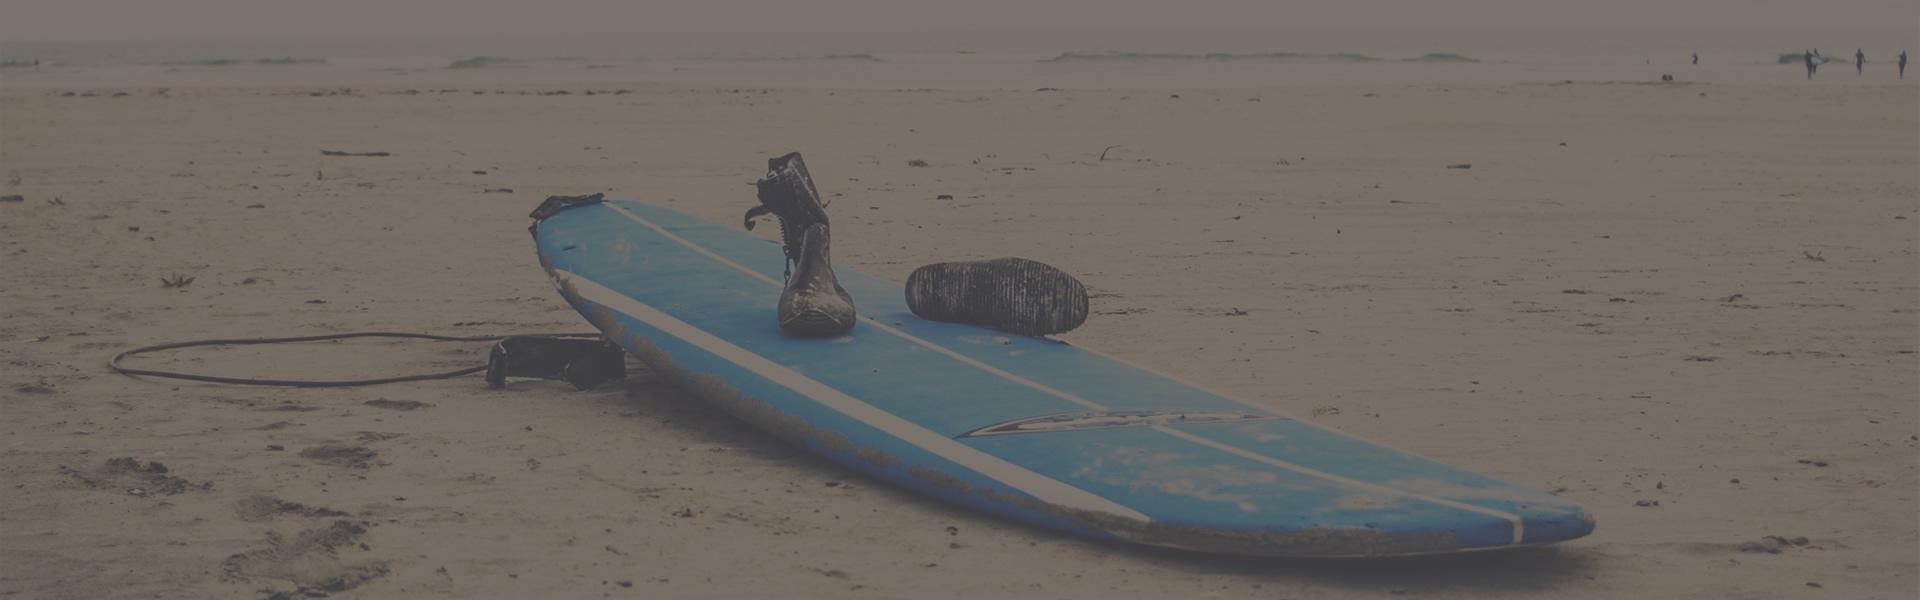 surf-slide1